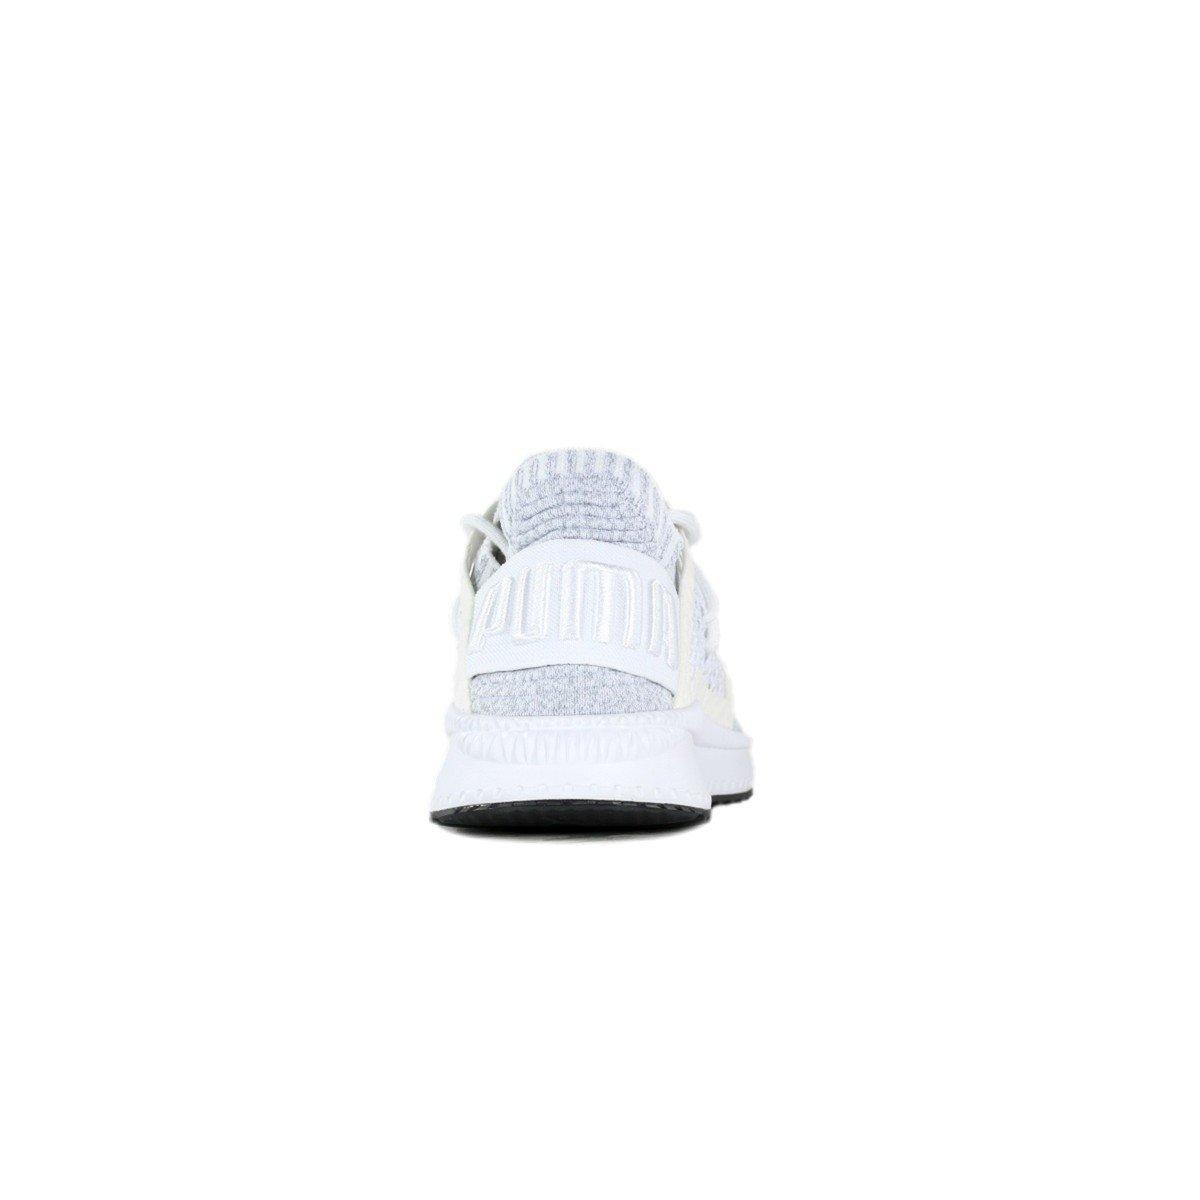 Puma Tsugi Netfit Evoknit 36510801, Weißs Turnschuhe Weißs 36510801, d0f78c